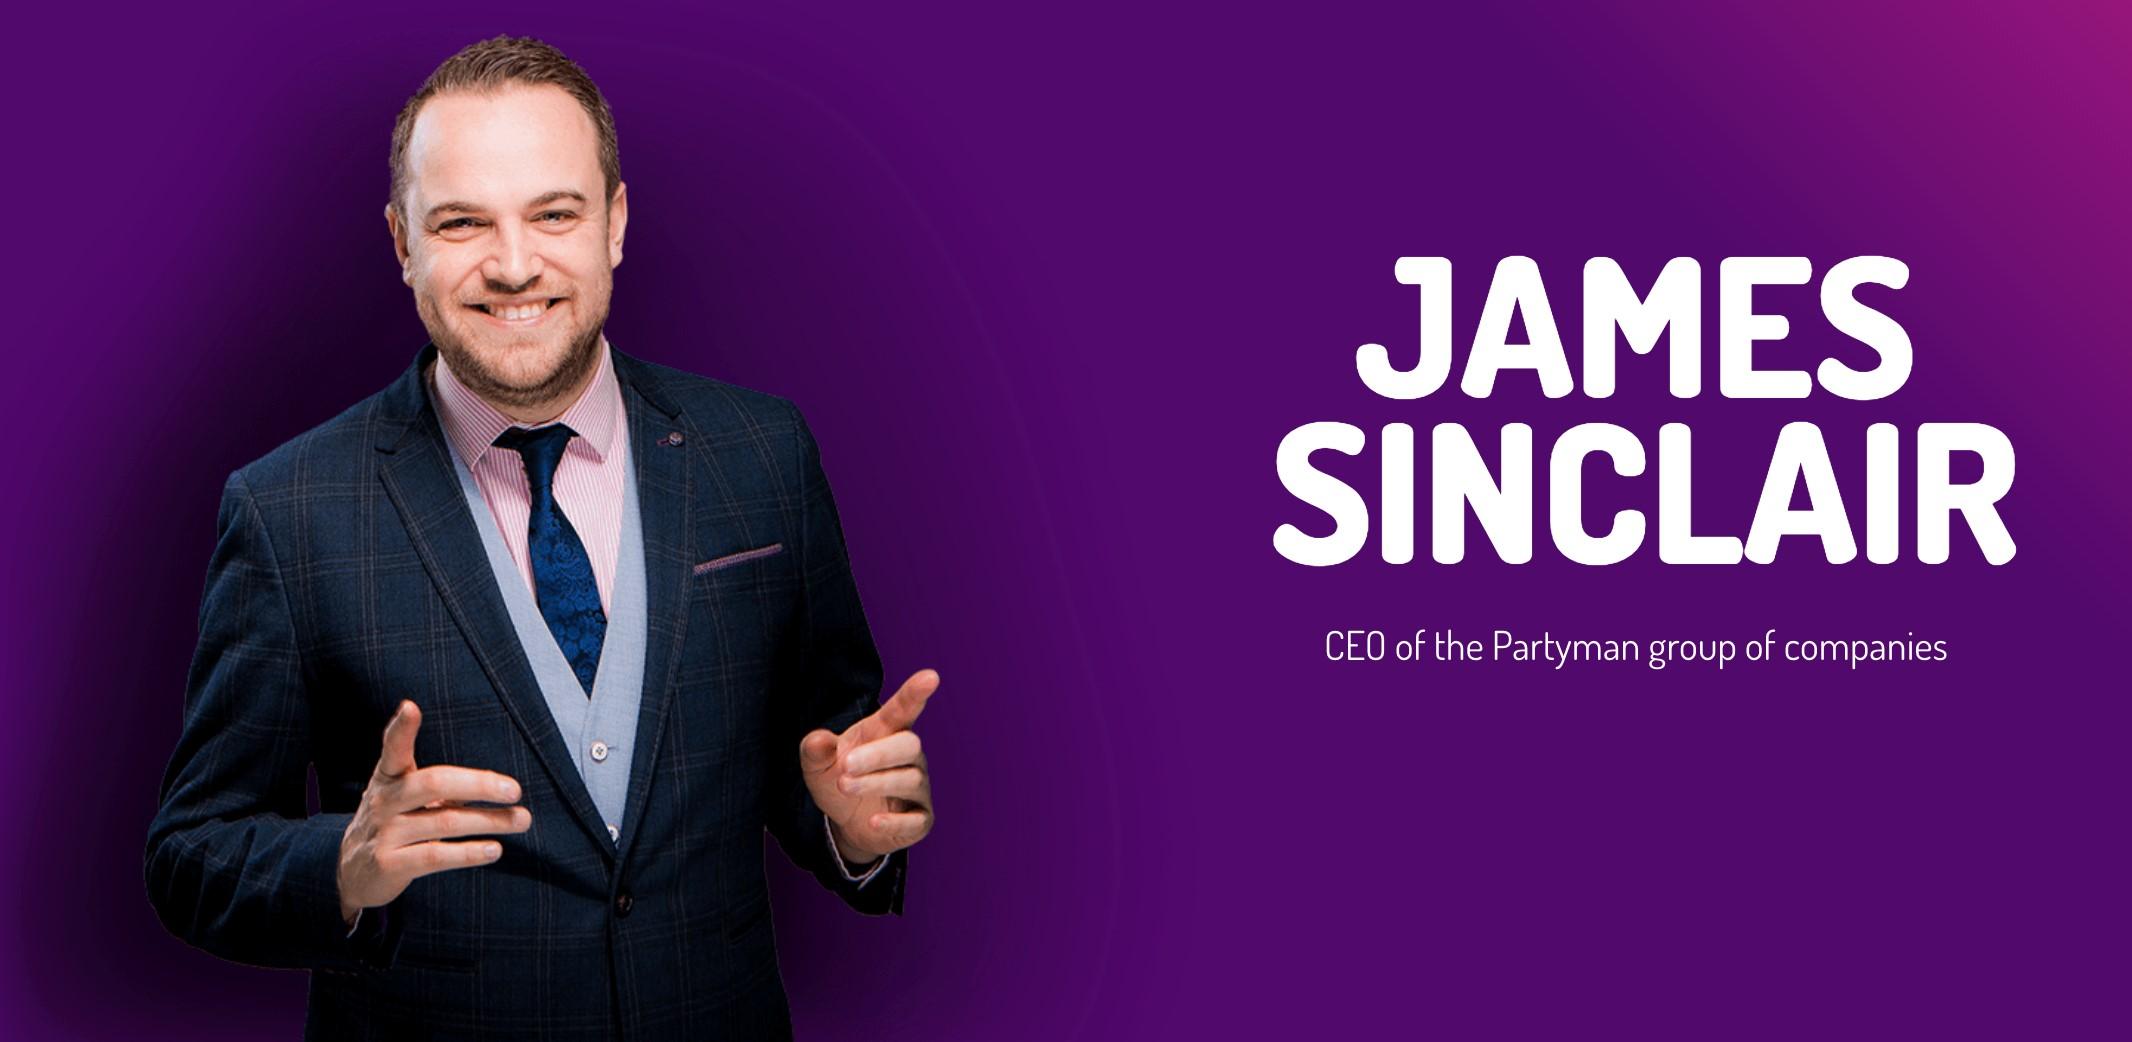 James Sinclair